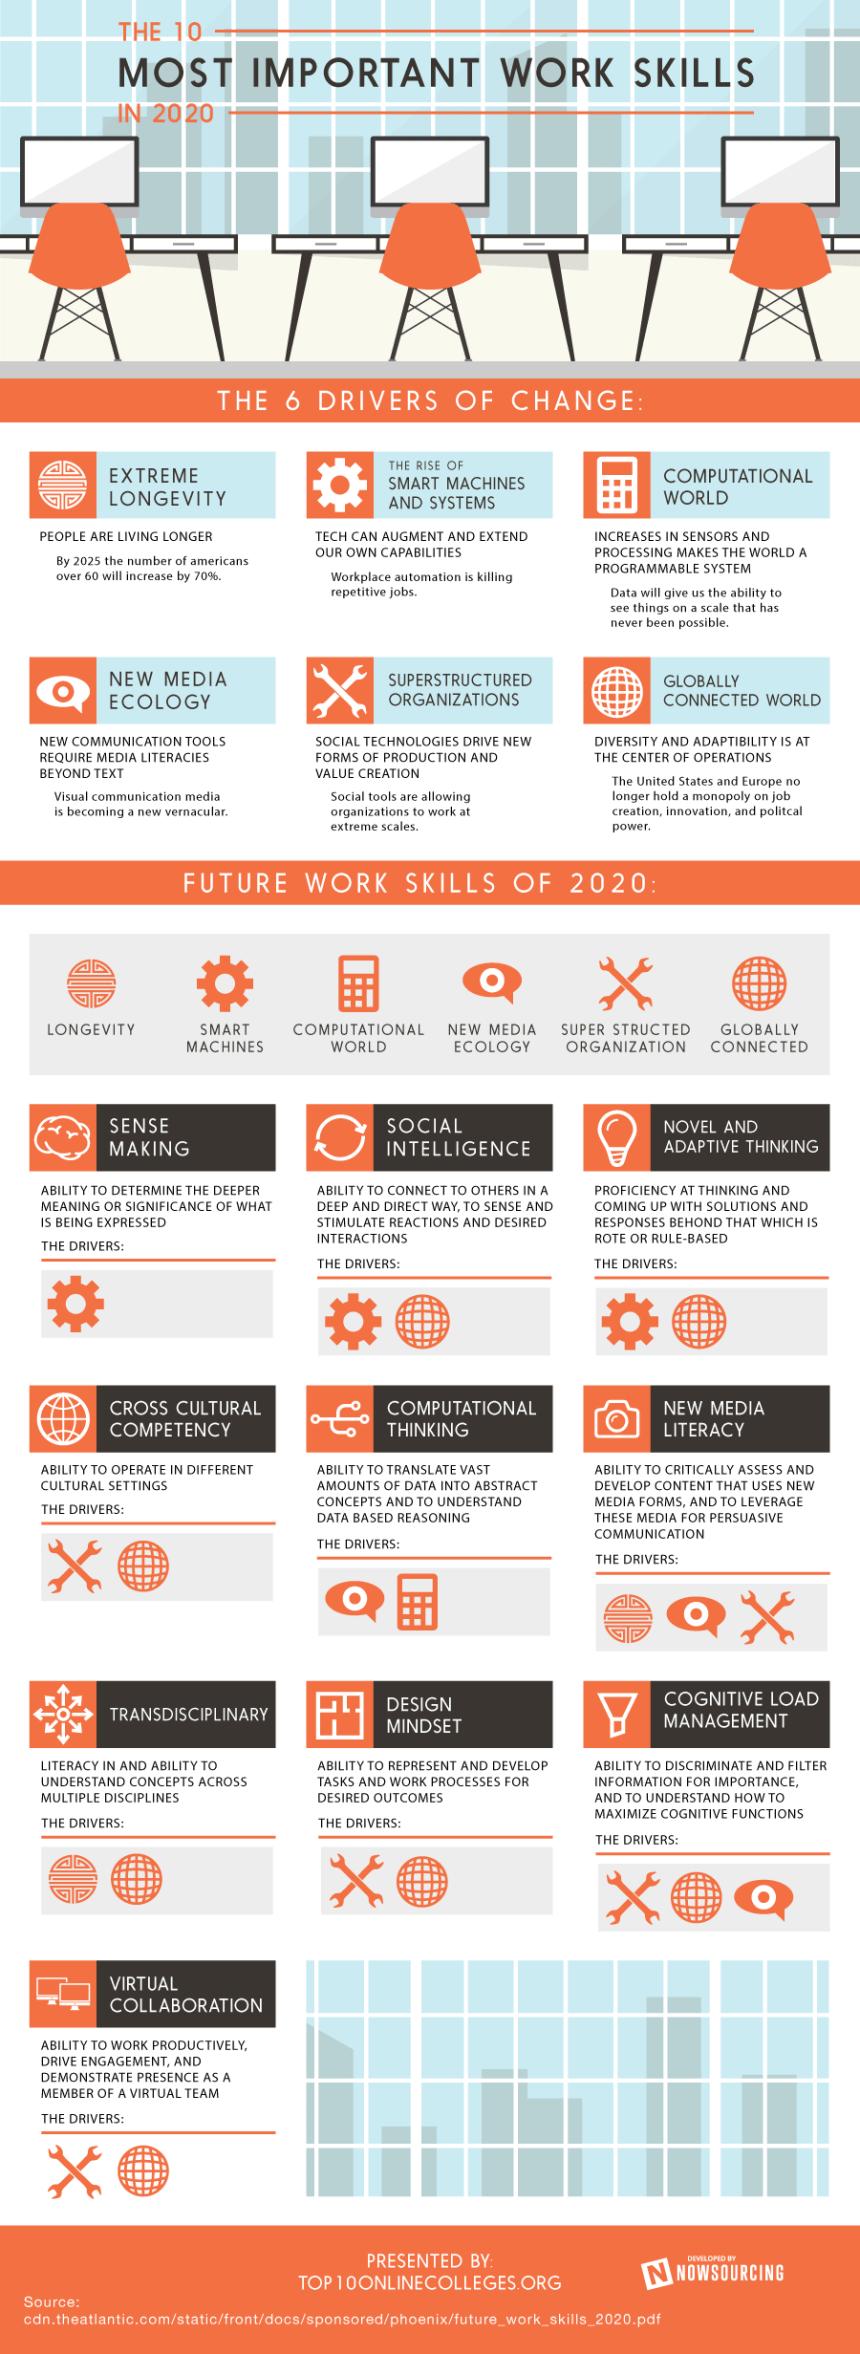 Las 10 competencias más importantes para trabajar en 2020